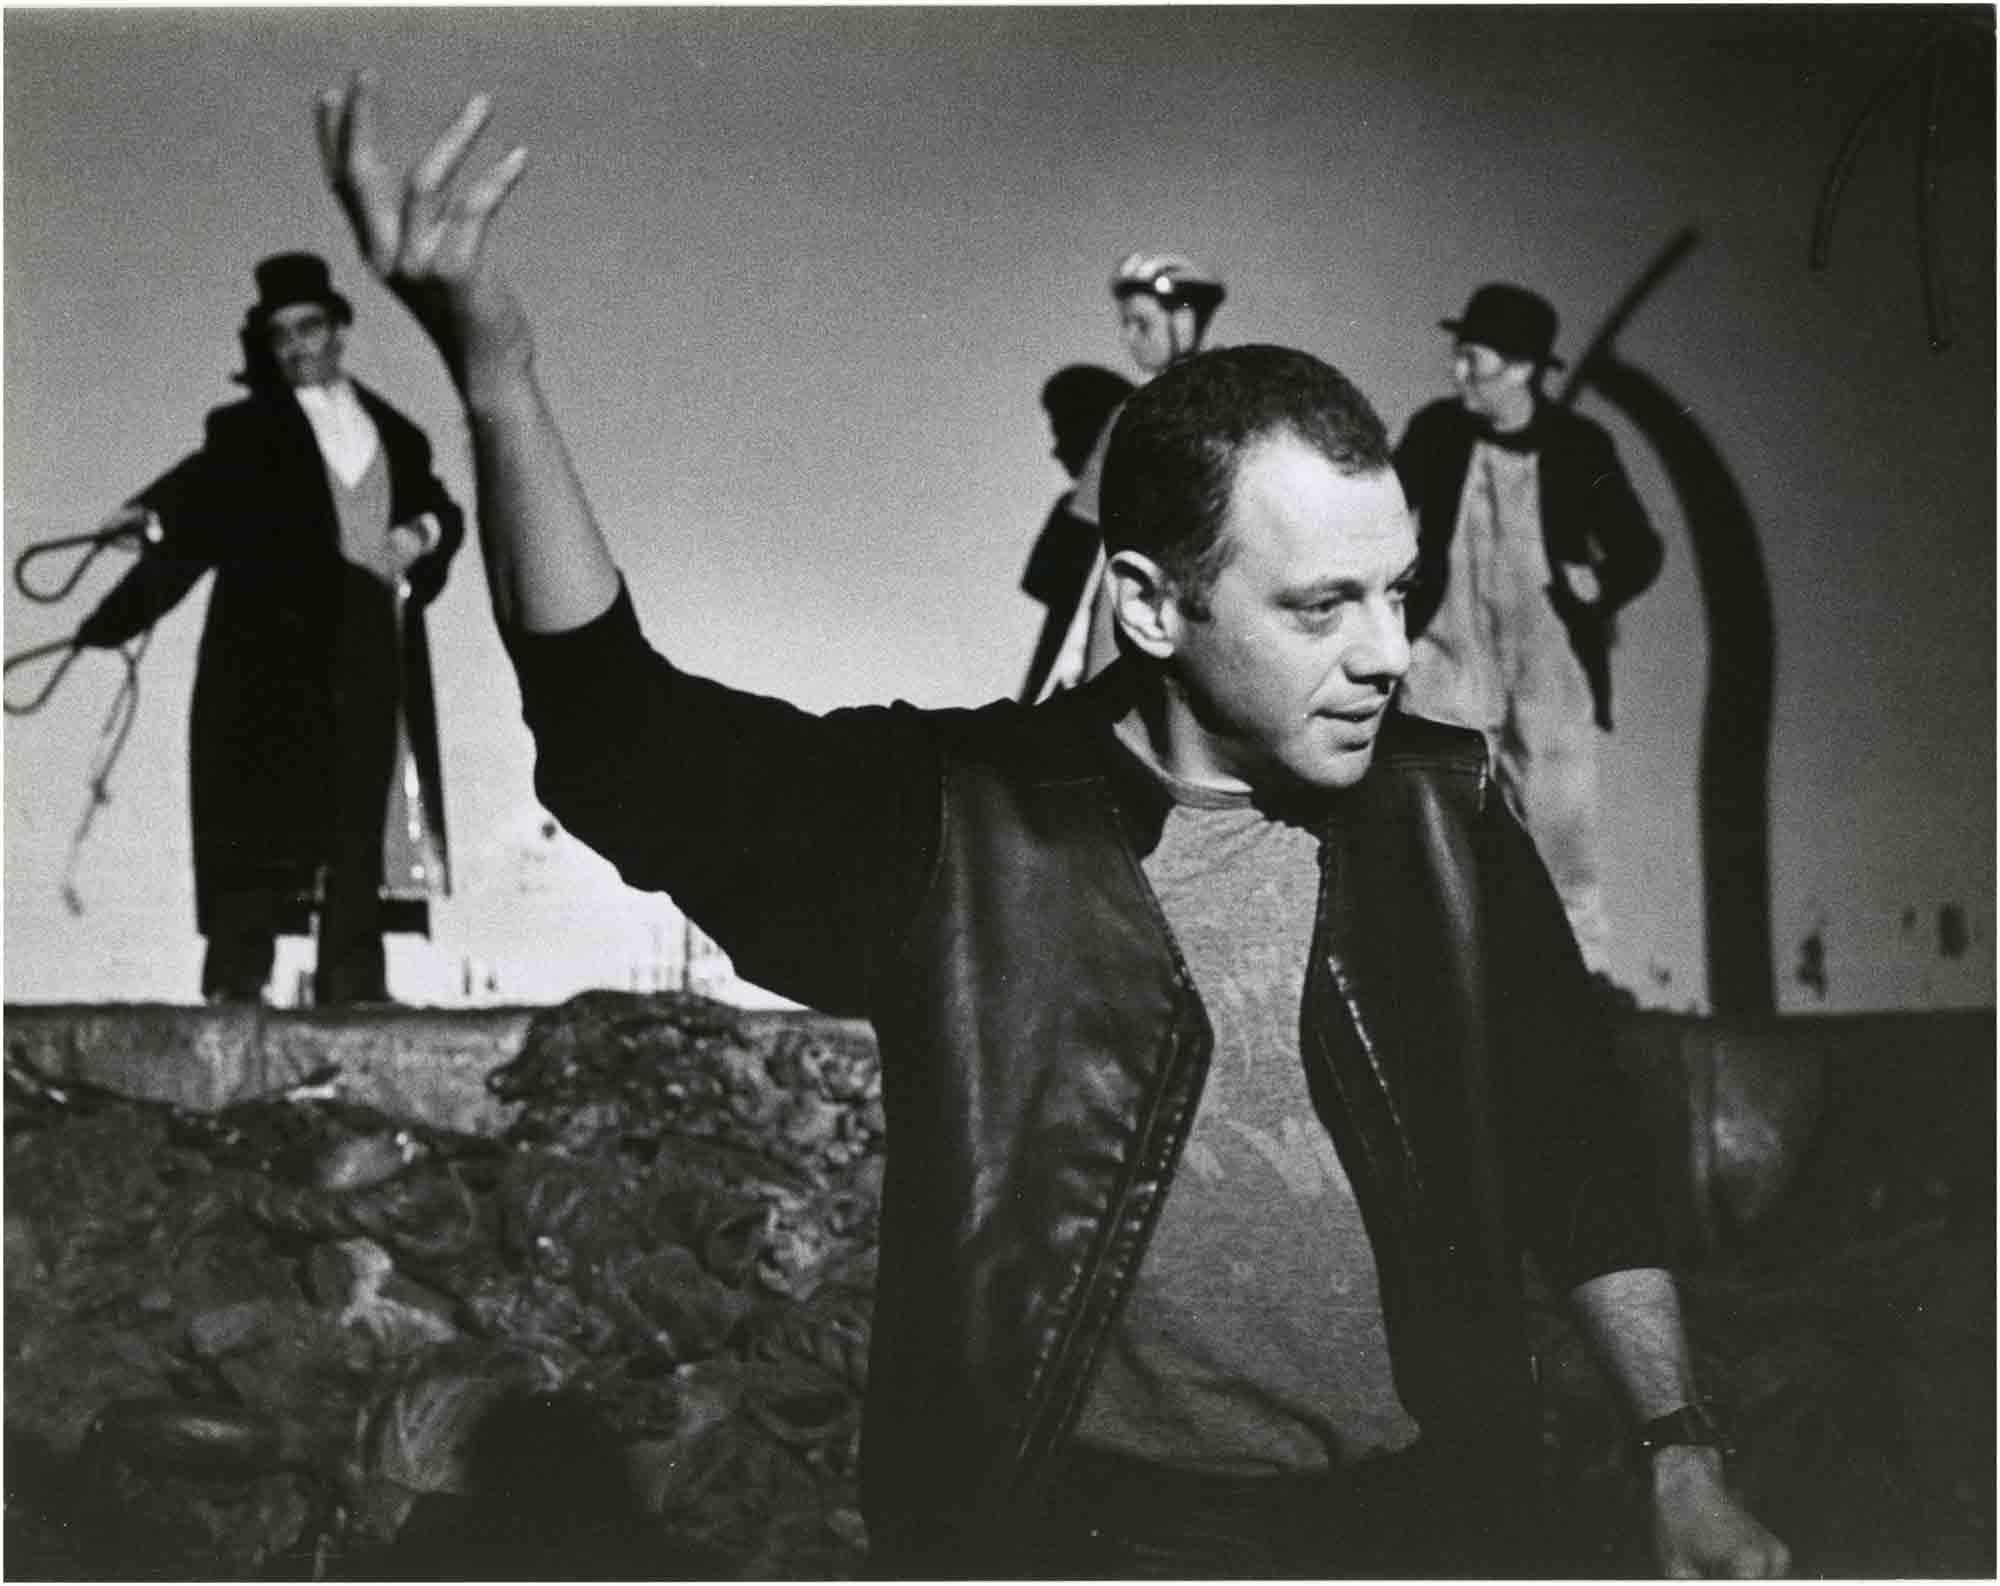 Fotografia de Josep Ros Ribas amb Lluís Pasqual en un assaig de Tot esperant Godot que es representà al Teatre Lliure el 1999. Col·lecció fotogràfica del MAE